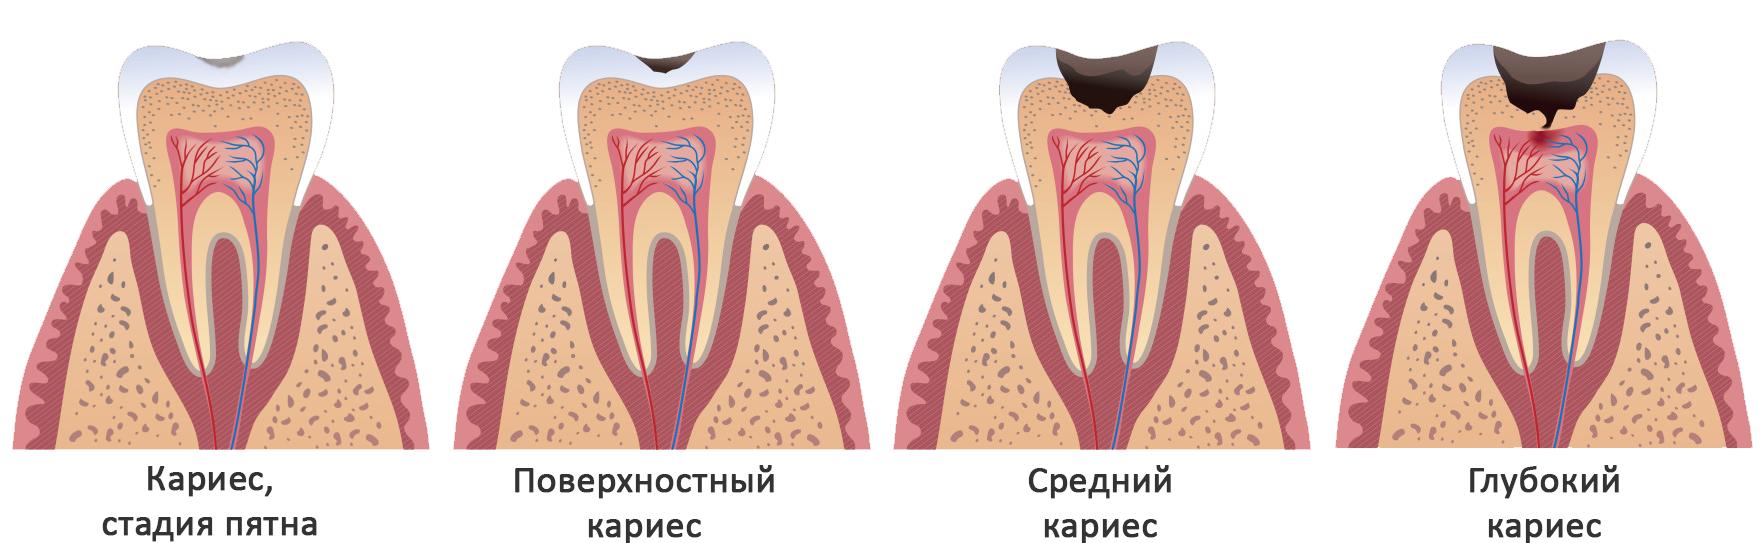 Дистопированный зуб — виды, причины, а также методики устранения проблемы. дистопия зуба: причины, последствия, лечение